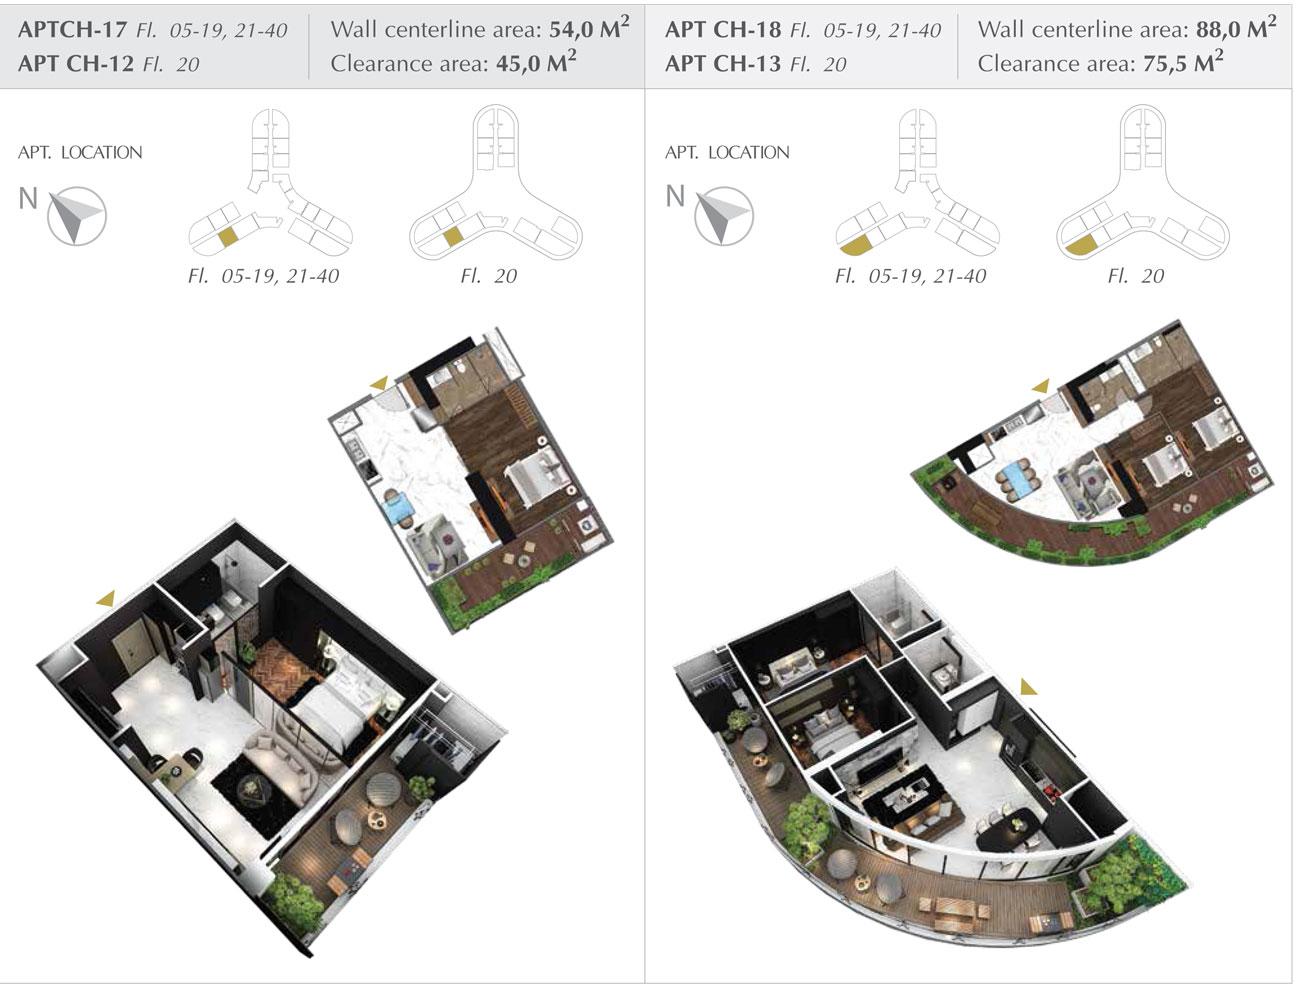 Thiết kế chi tiết dự án căn hộ Sunshine Diamond River Quận 7 đường Đào TríThiết kế chi tiết dự án căn hộ Sunshine Diamond River Quận 7 đường Đào Trí